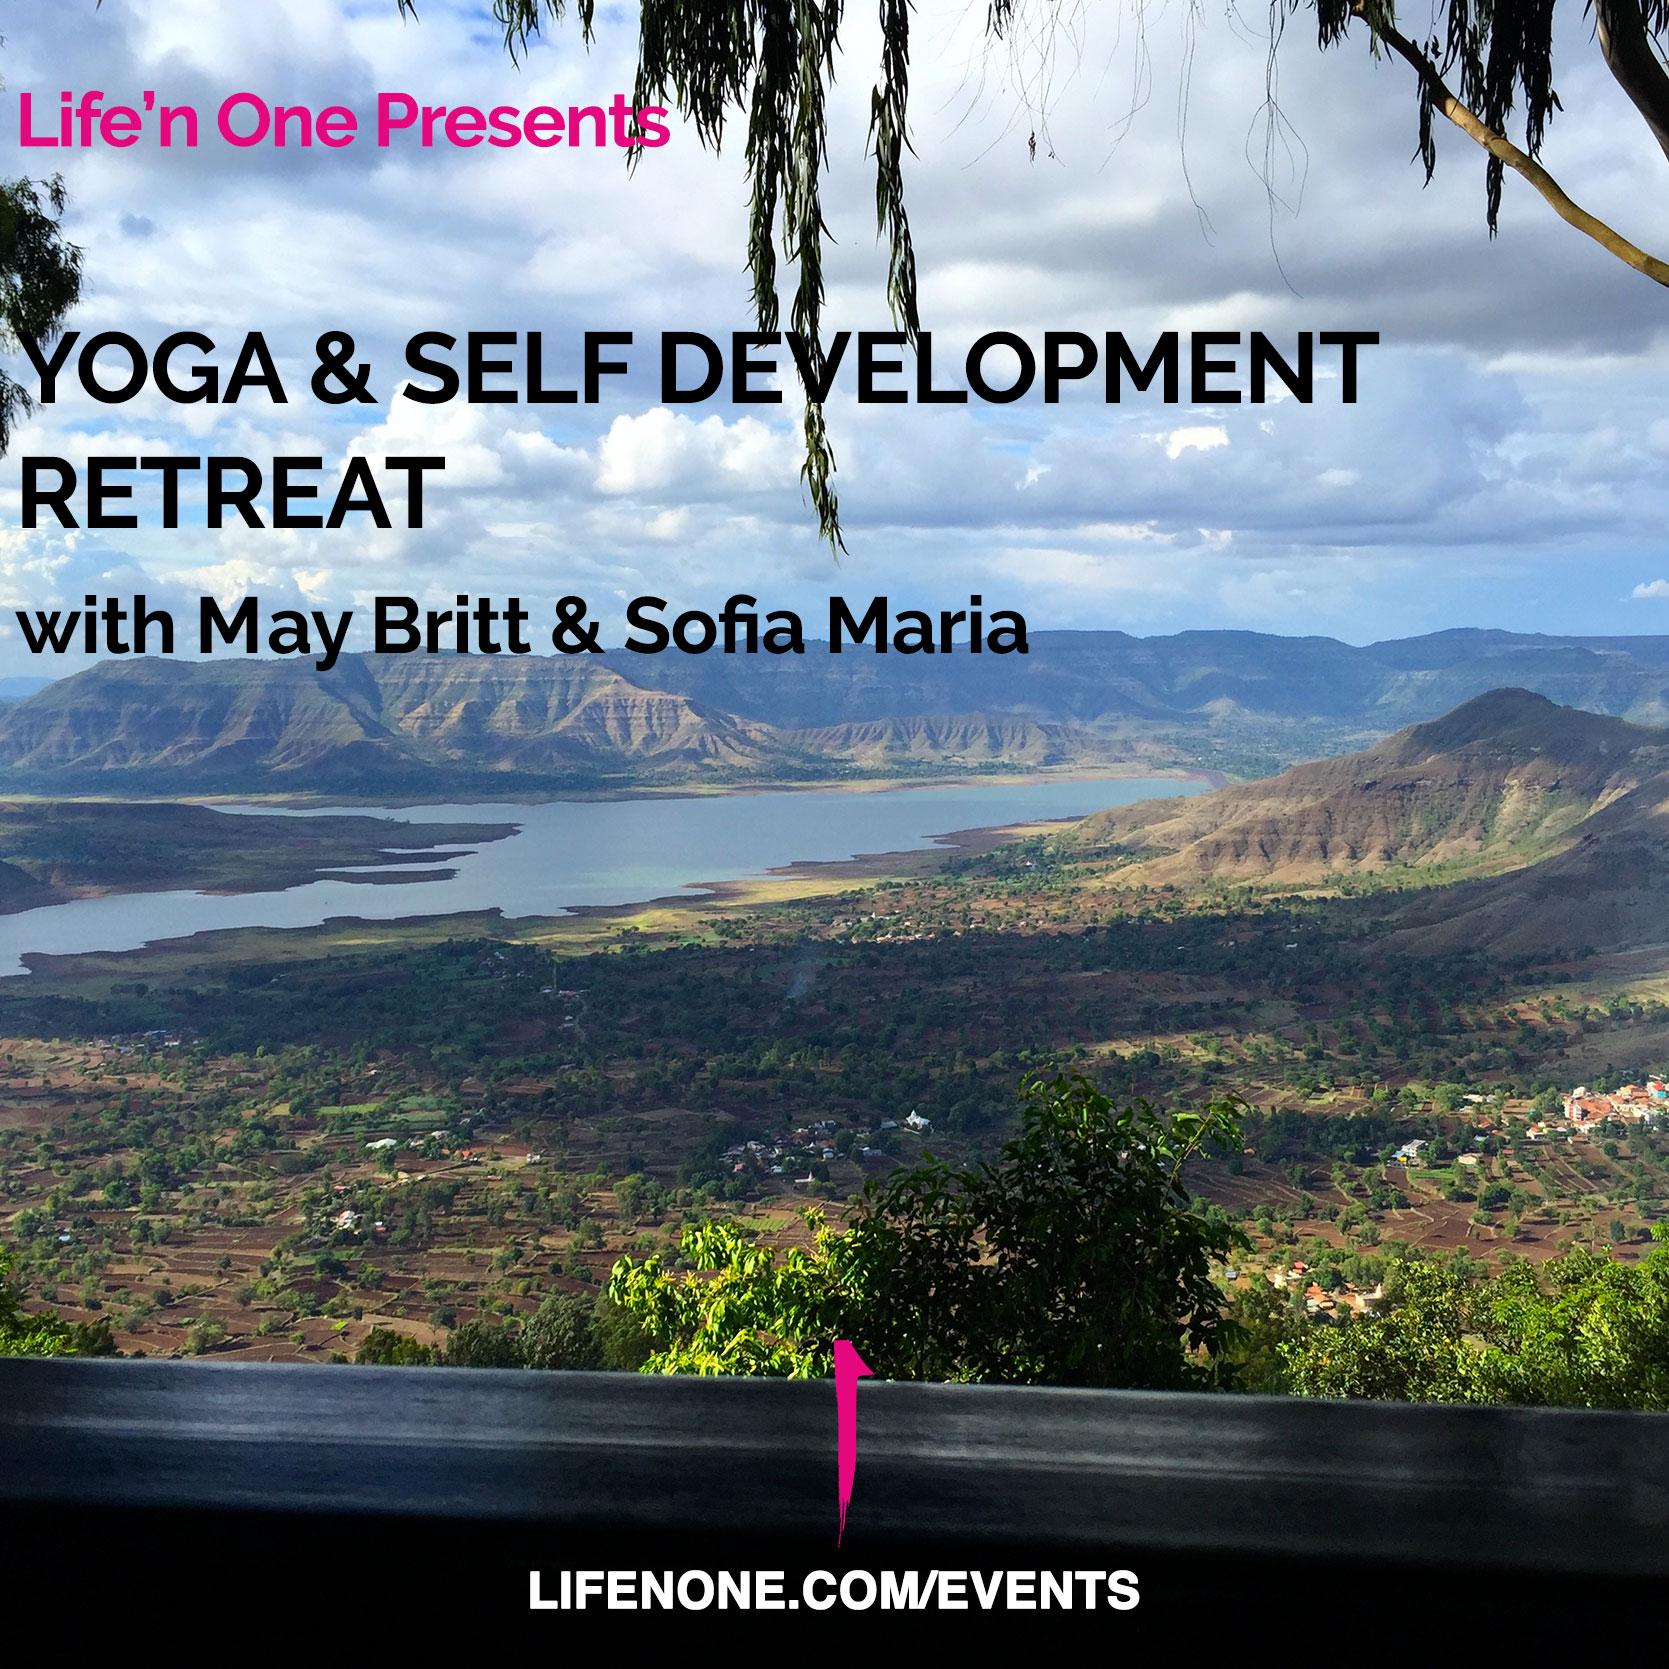 191017-yoga&self-development-retreat.jpg